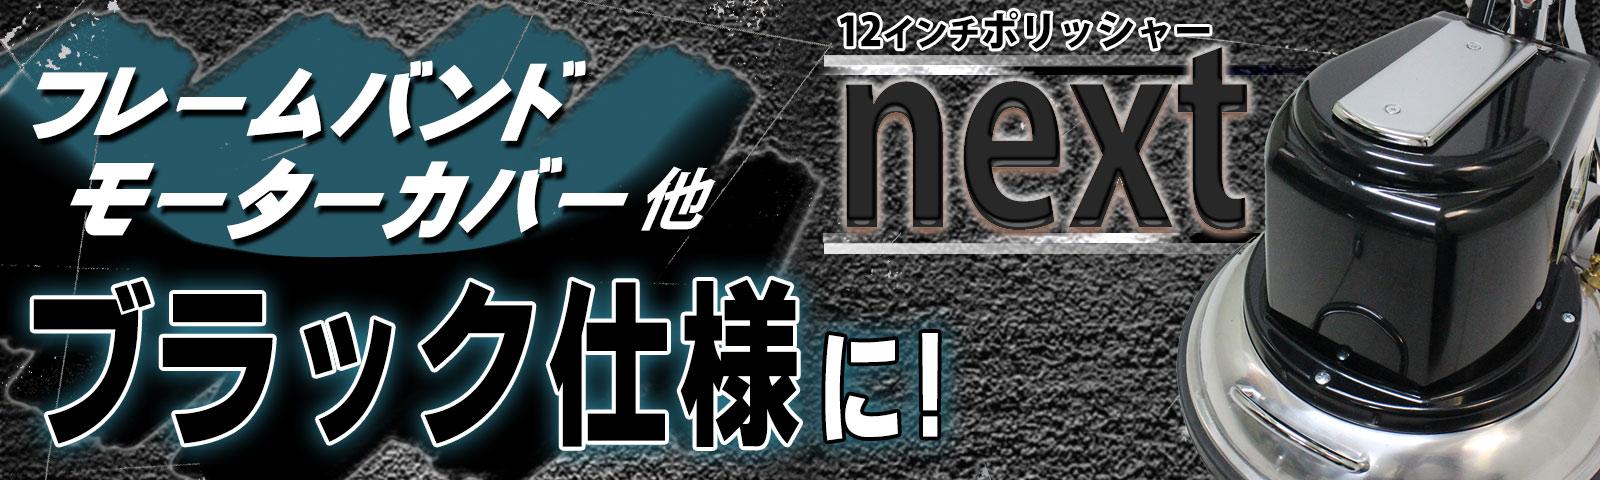 【ポリッシャー.JP限定】12インチポリッシャーnext(ネクスト) <ブラック・カスタマイズ仕様>